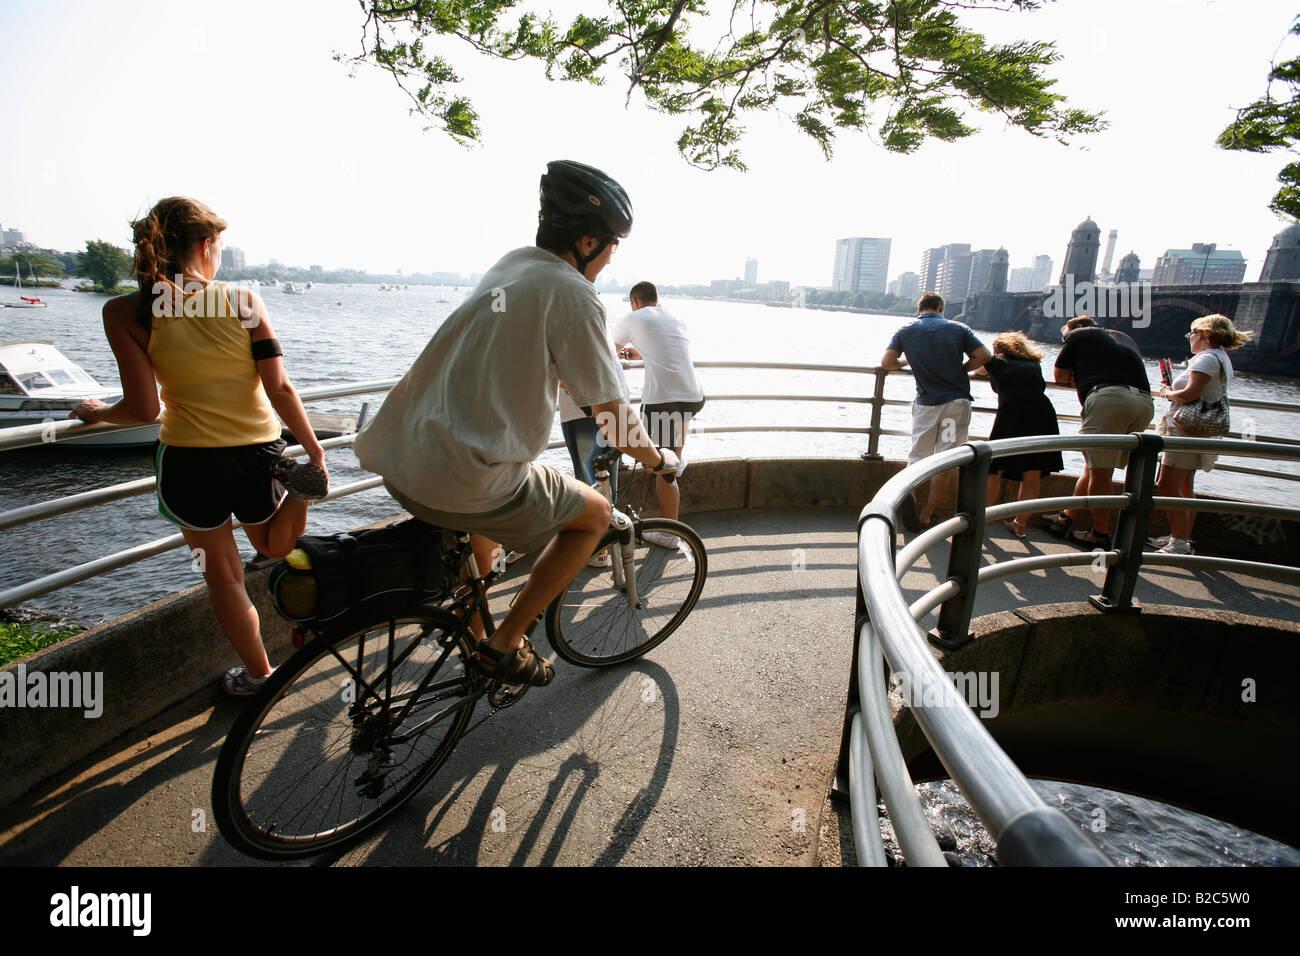 Un corredor de ciclistas y peatones son vistos en un paseo a orillas del Río Charles en Boston. Imagen De Stock